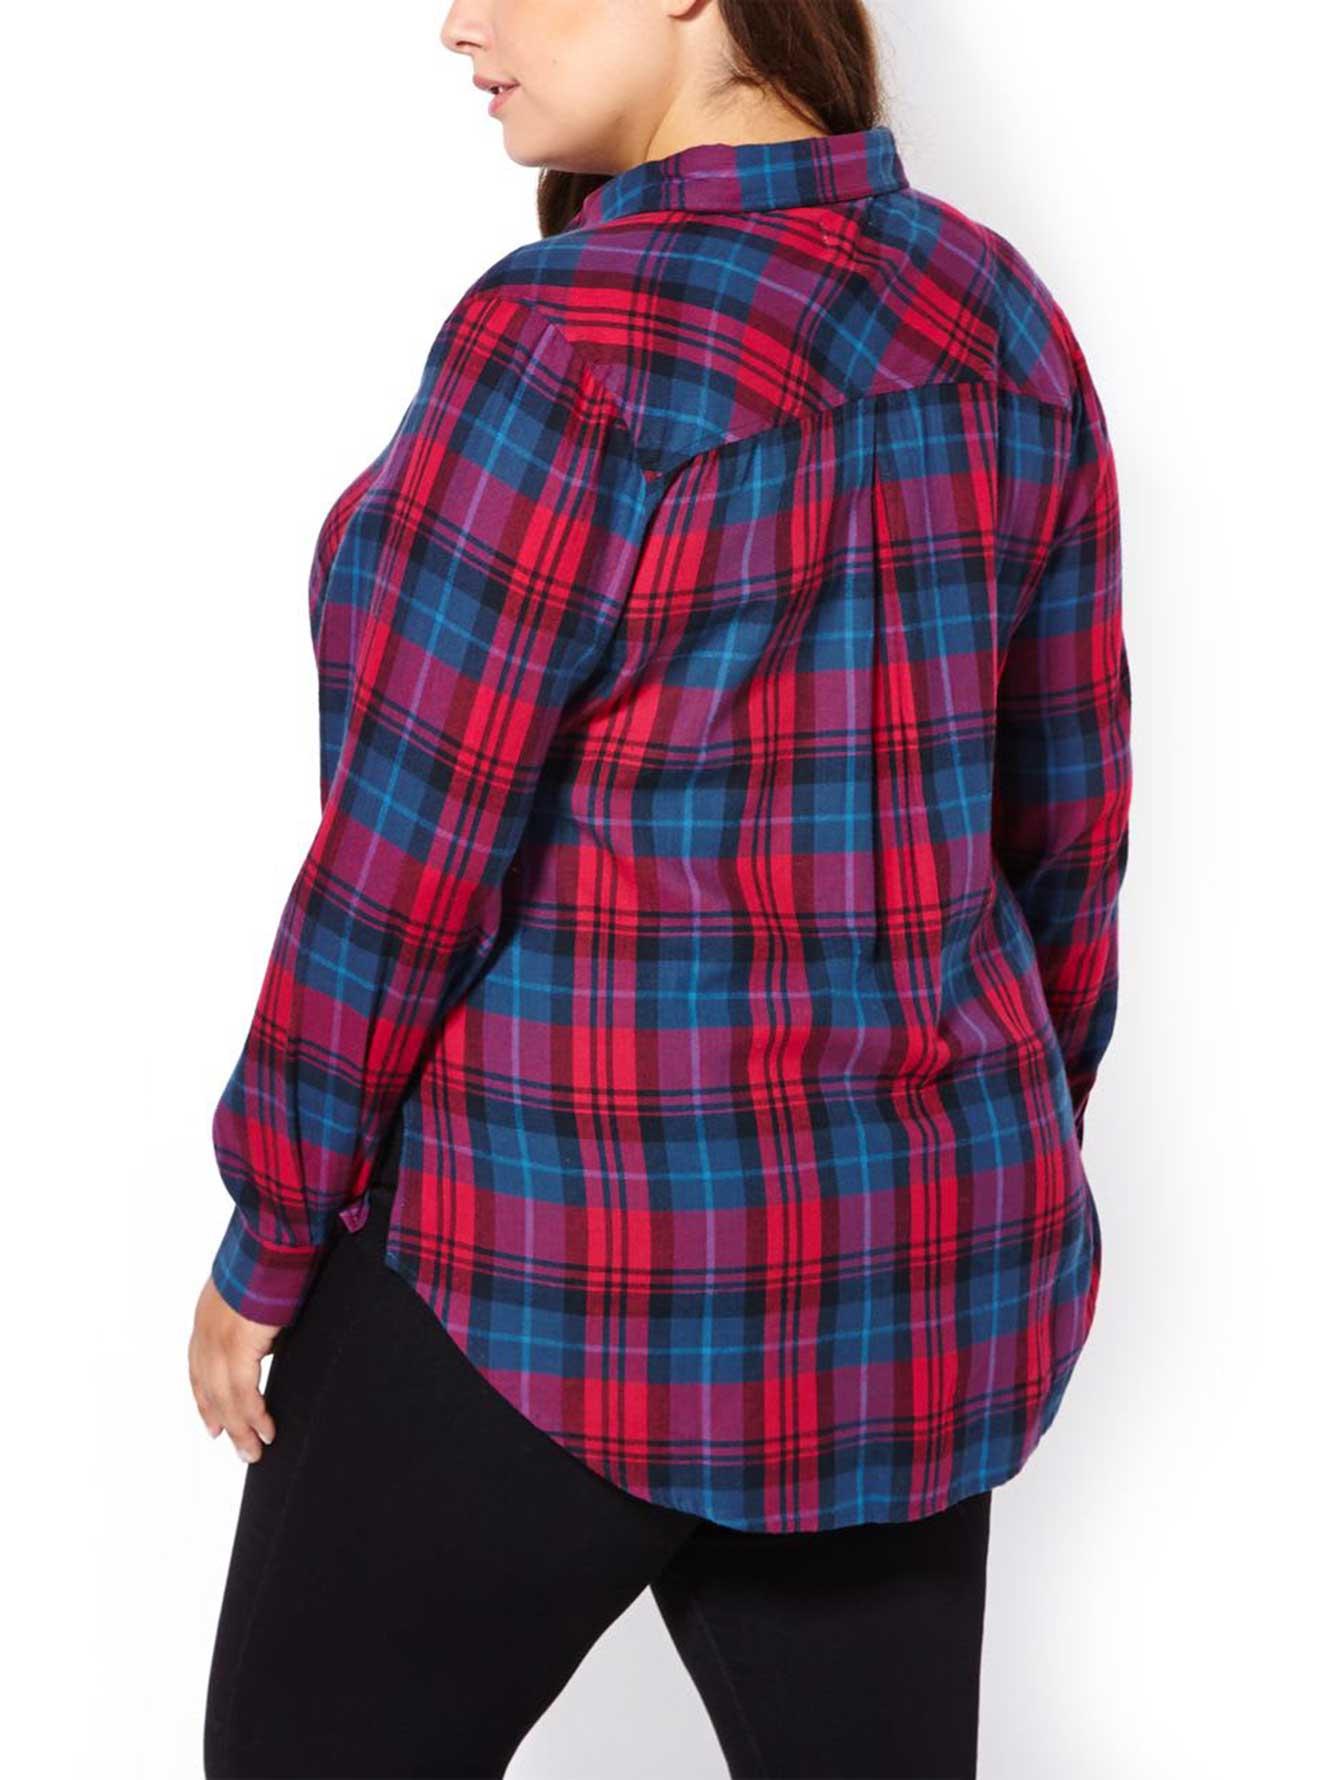 D C Jeans Long Sleeve Flannel Plaid Shirt Penningtons